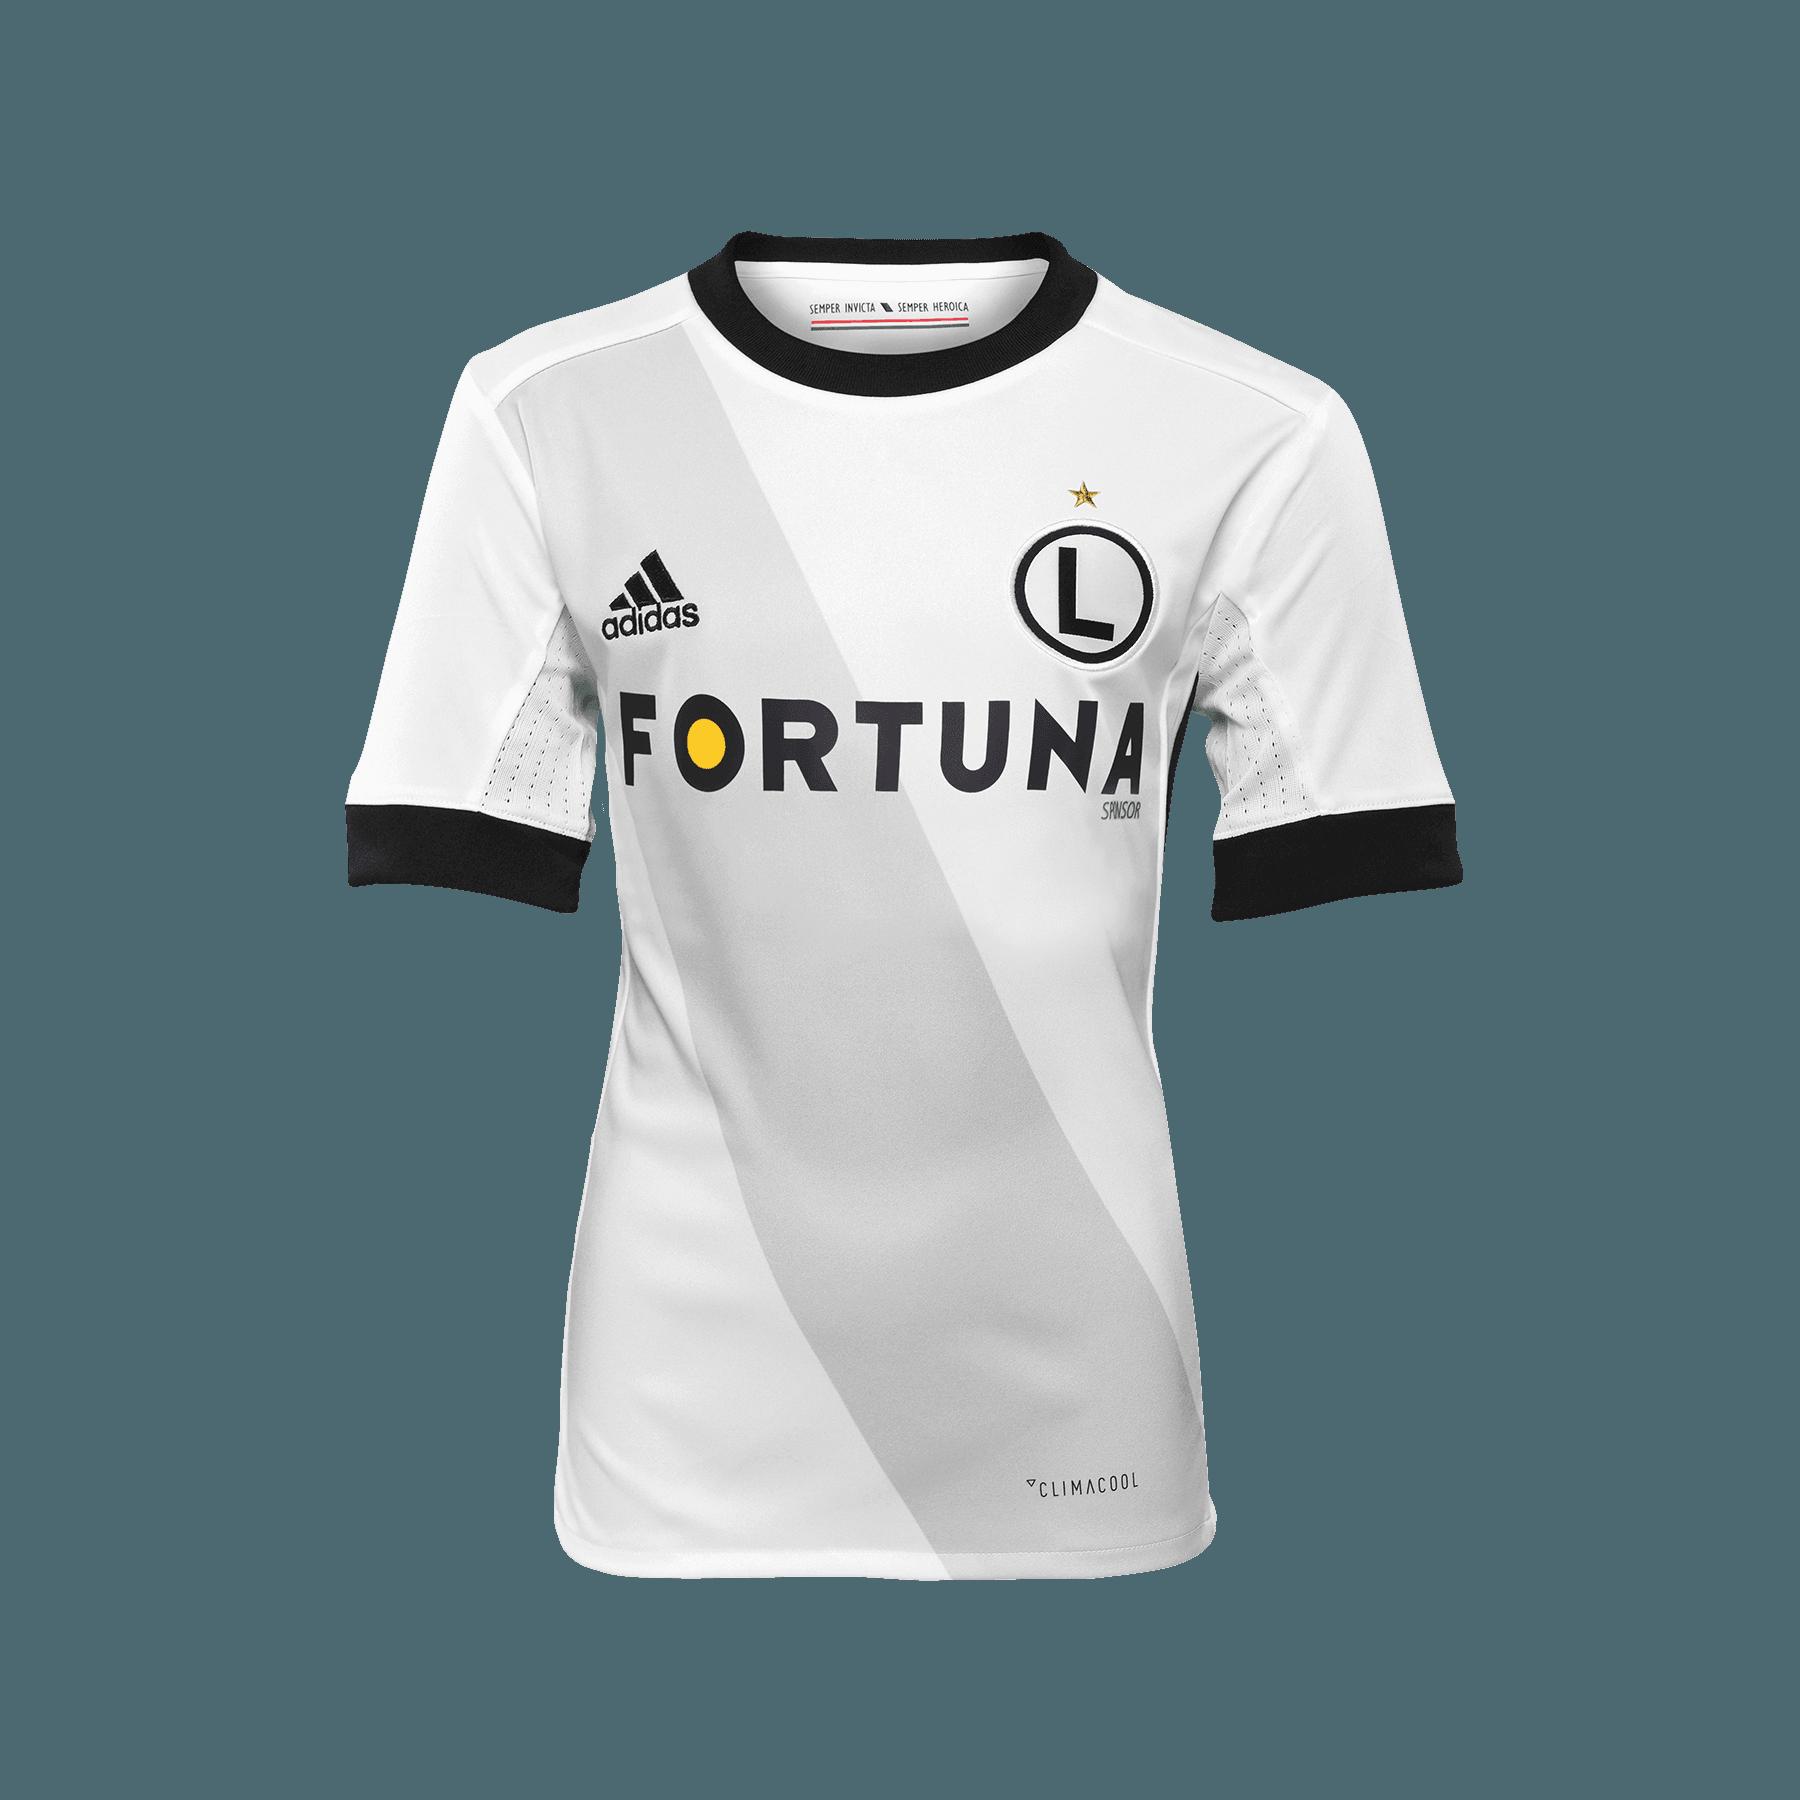 ad3938493 Zestaw meczowy :: Domowy :: Dzieci :: Koszulka Domowa Junior 2018/2019